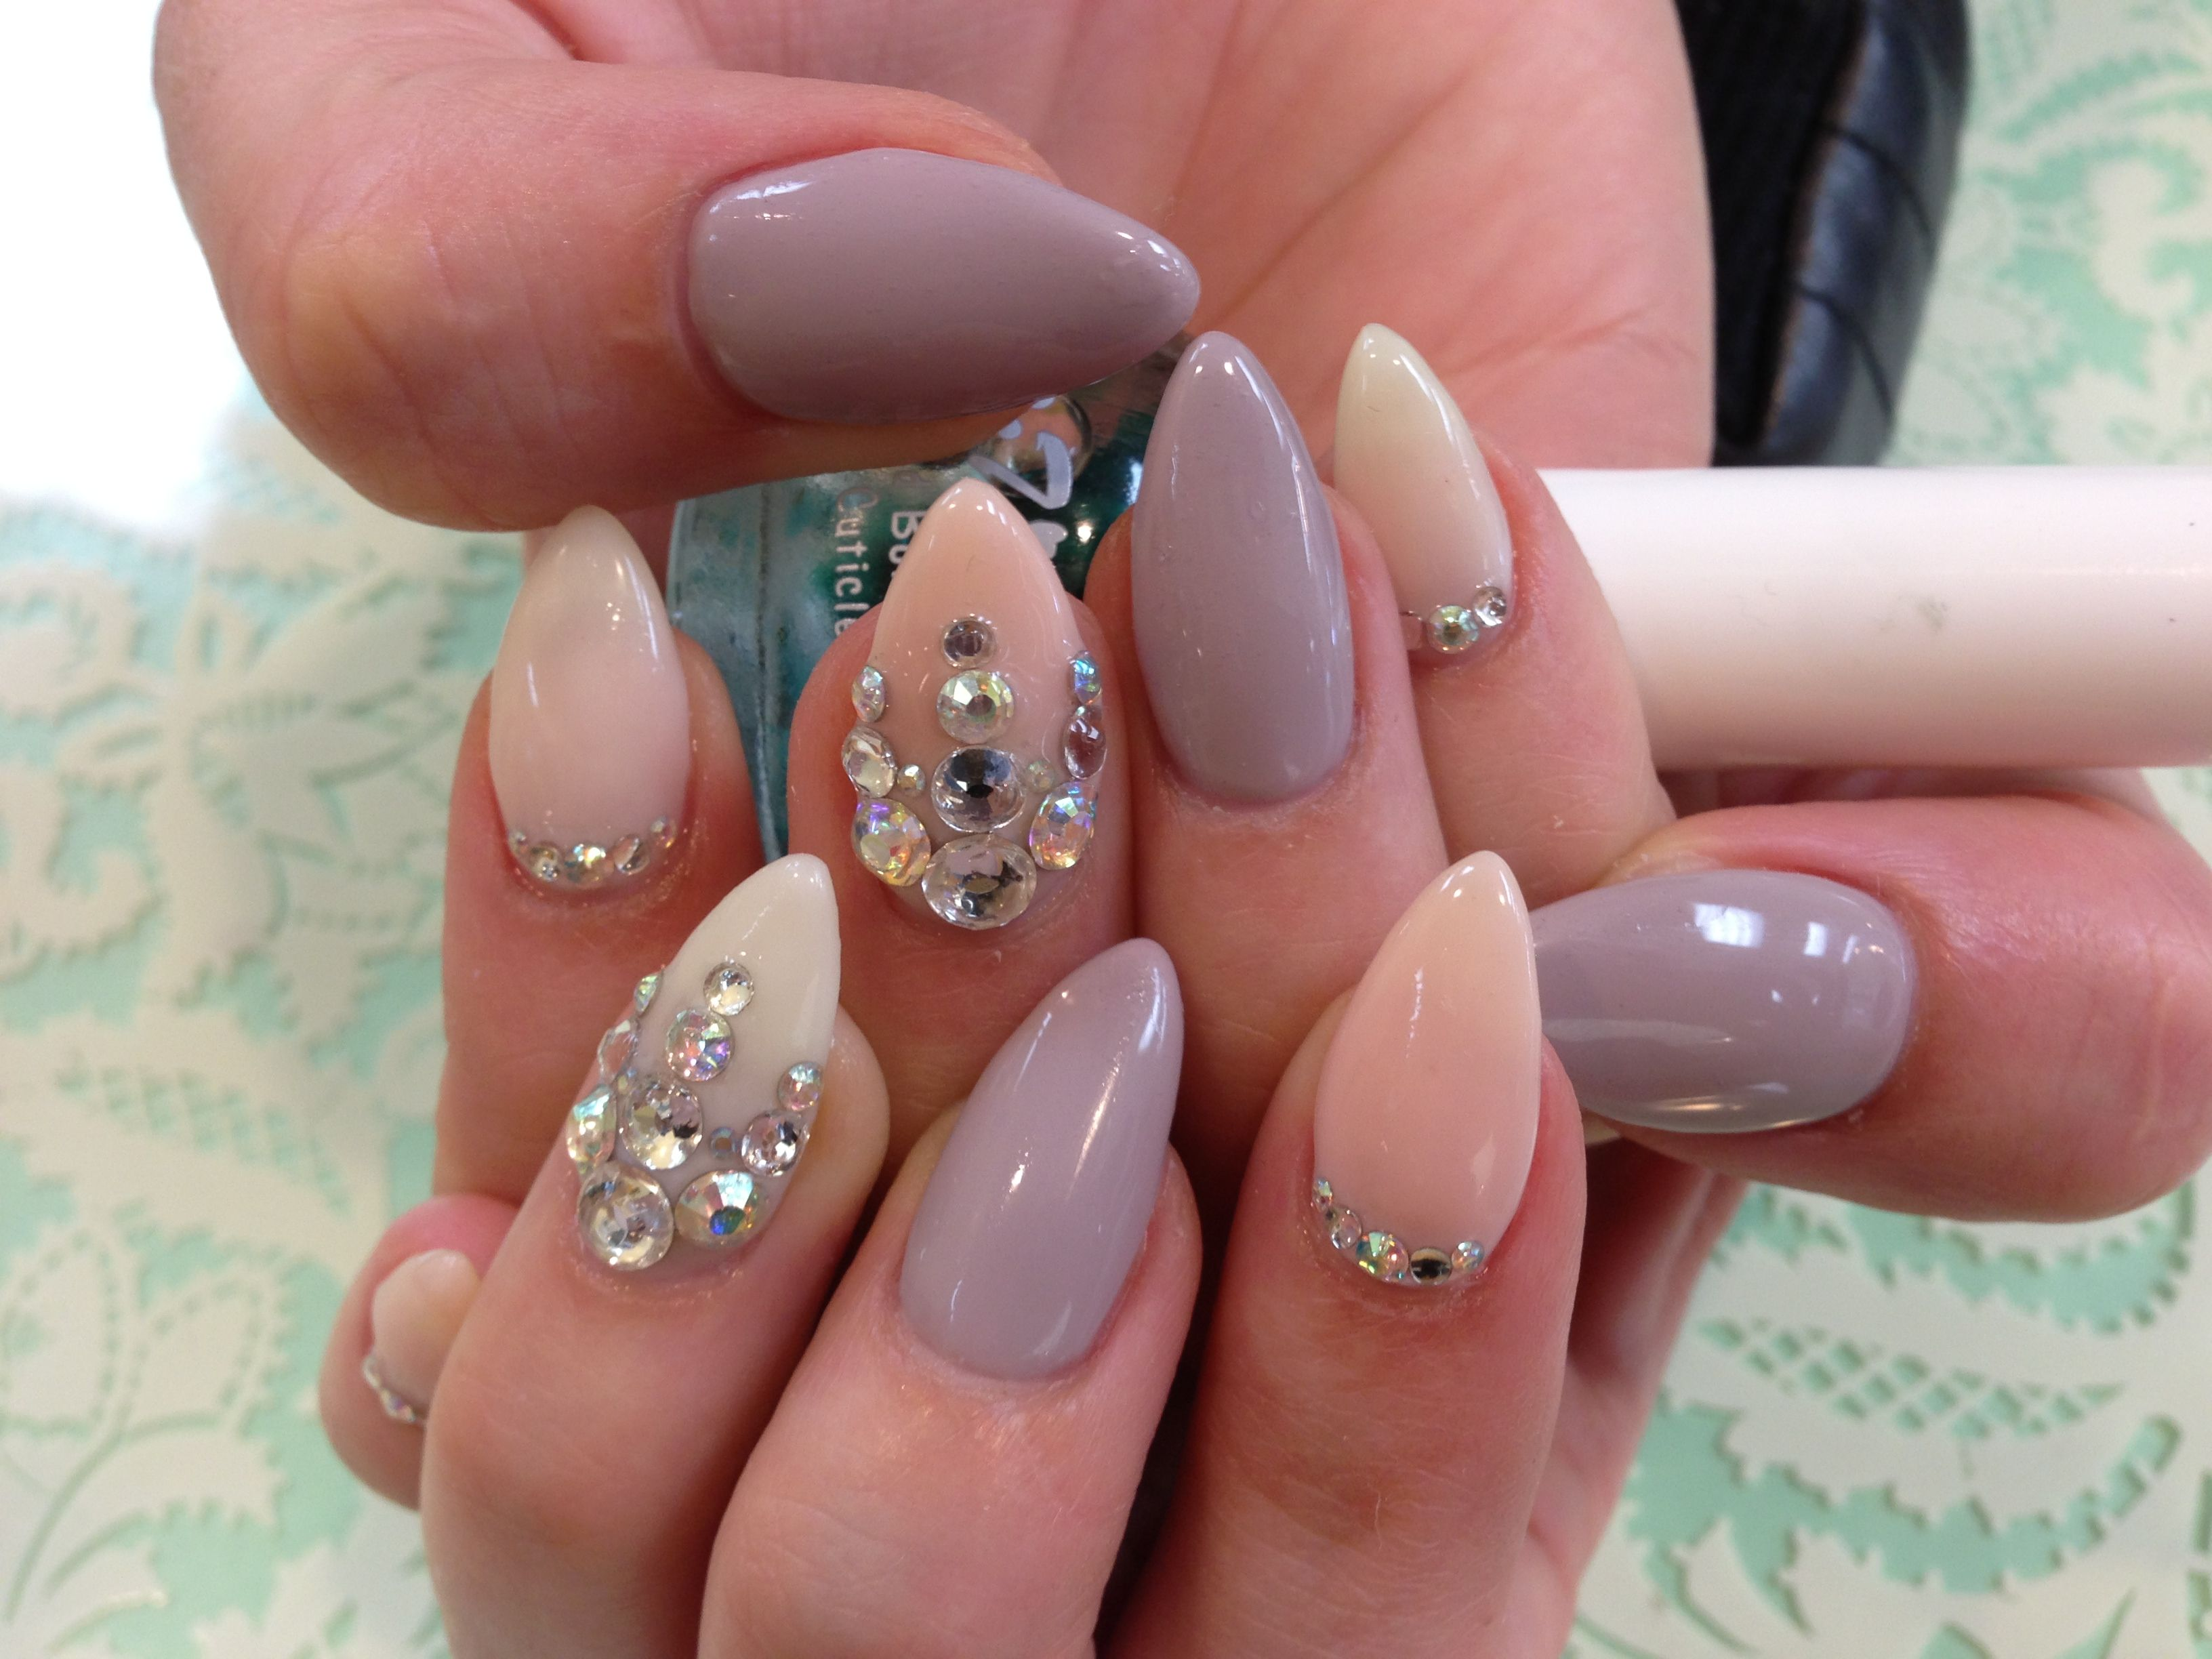 Kawaii Nails in Tustin CA | Kawaii Nails in Tustin CA | Pinterest ...